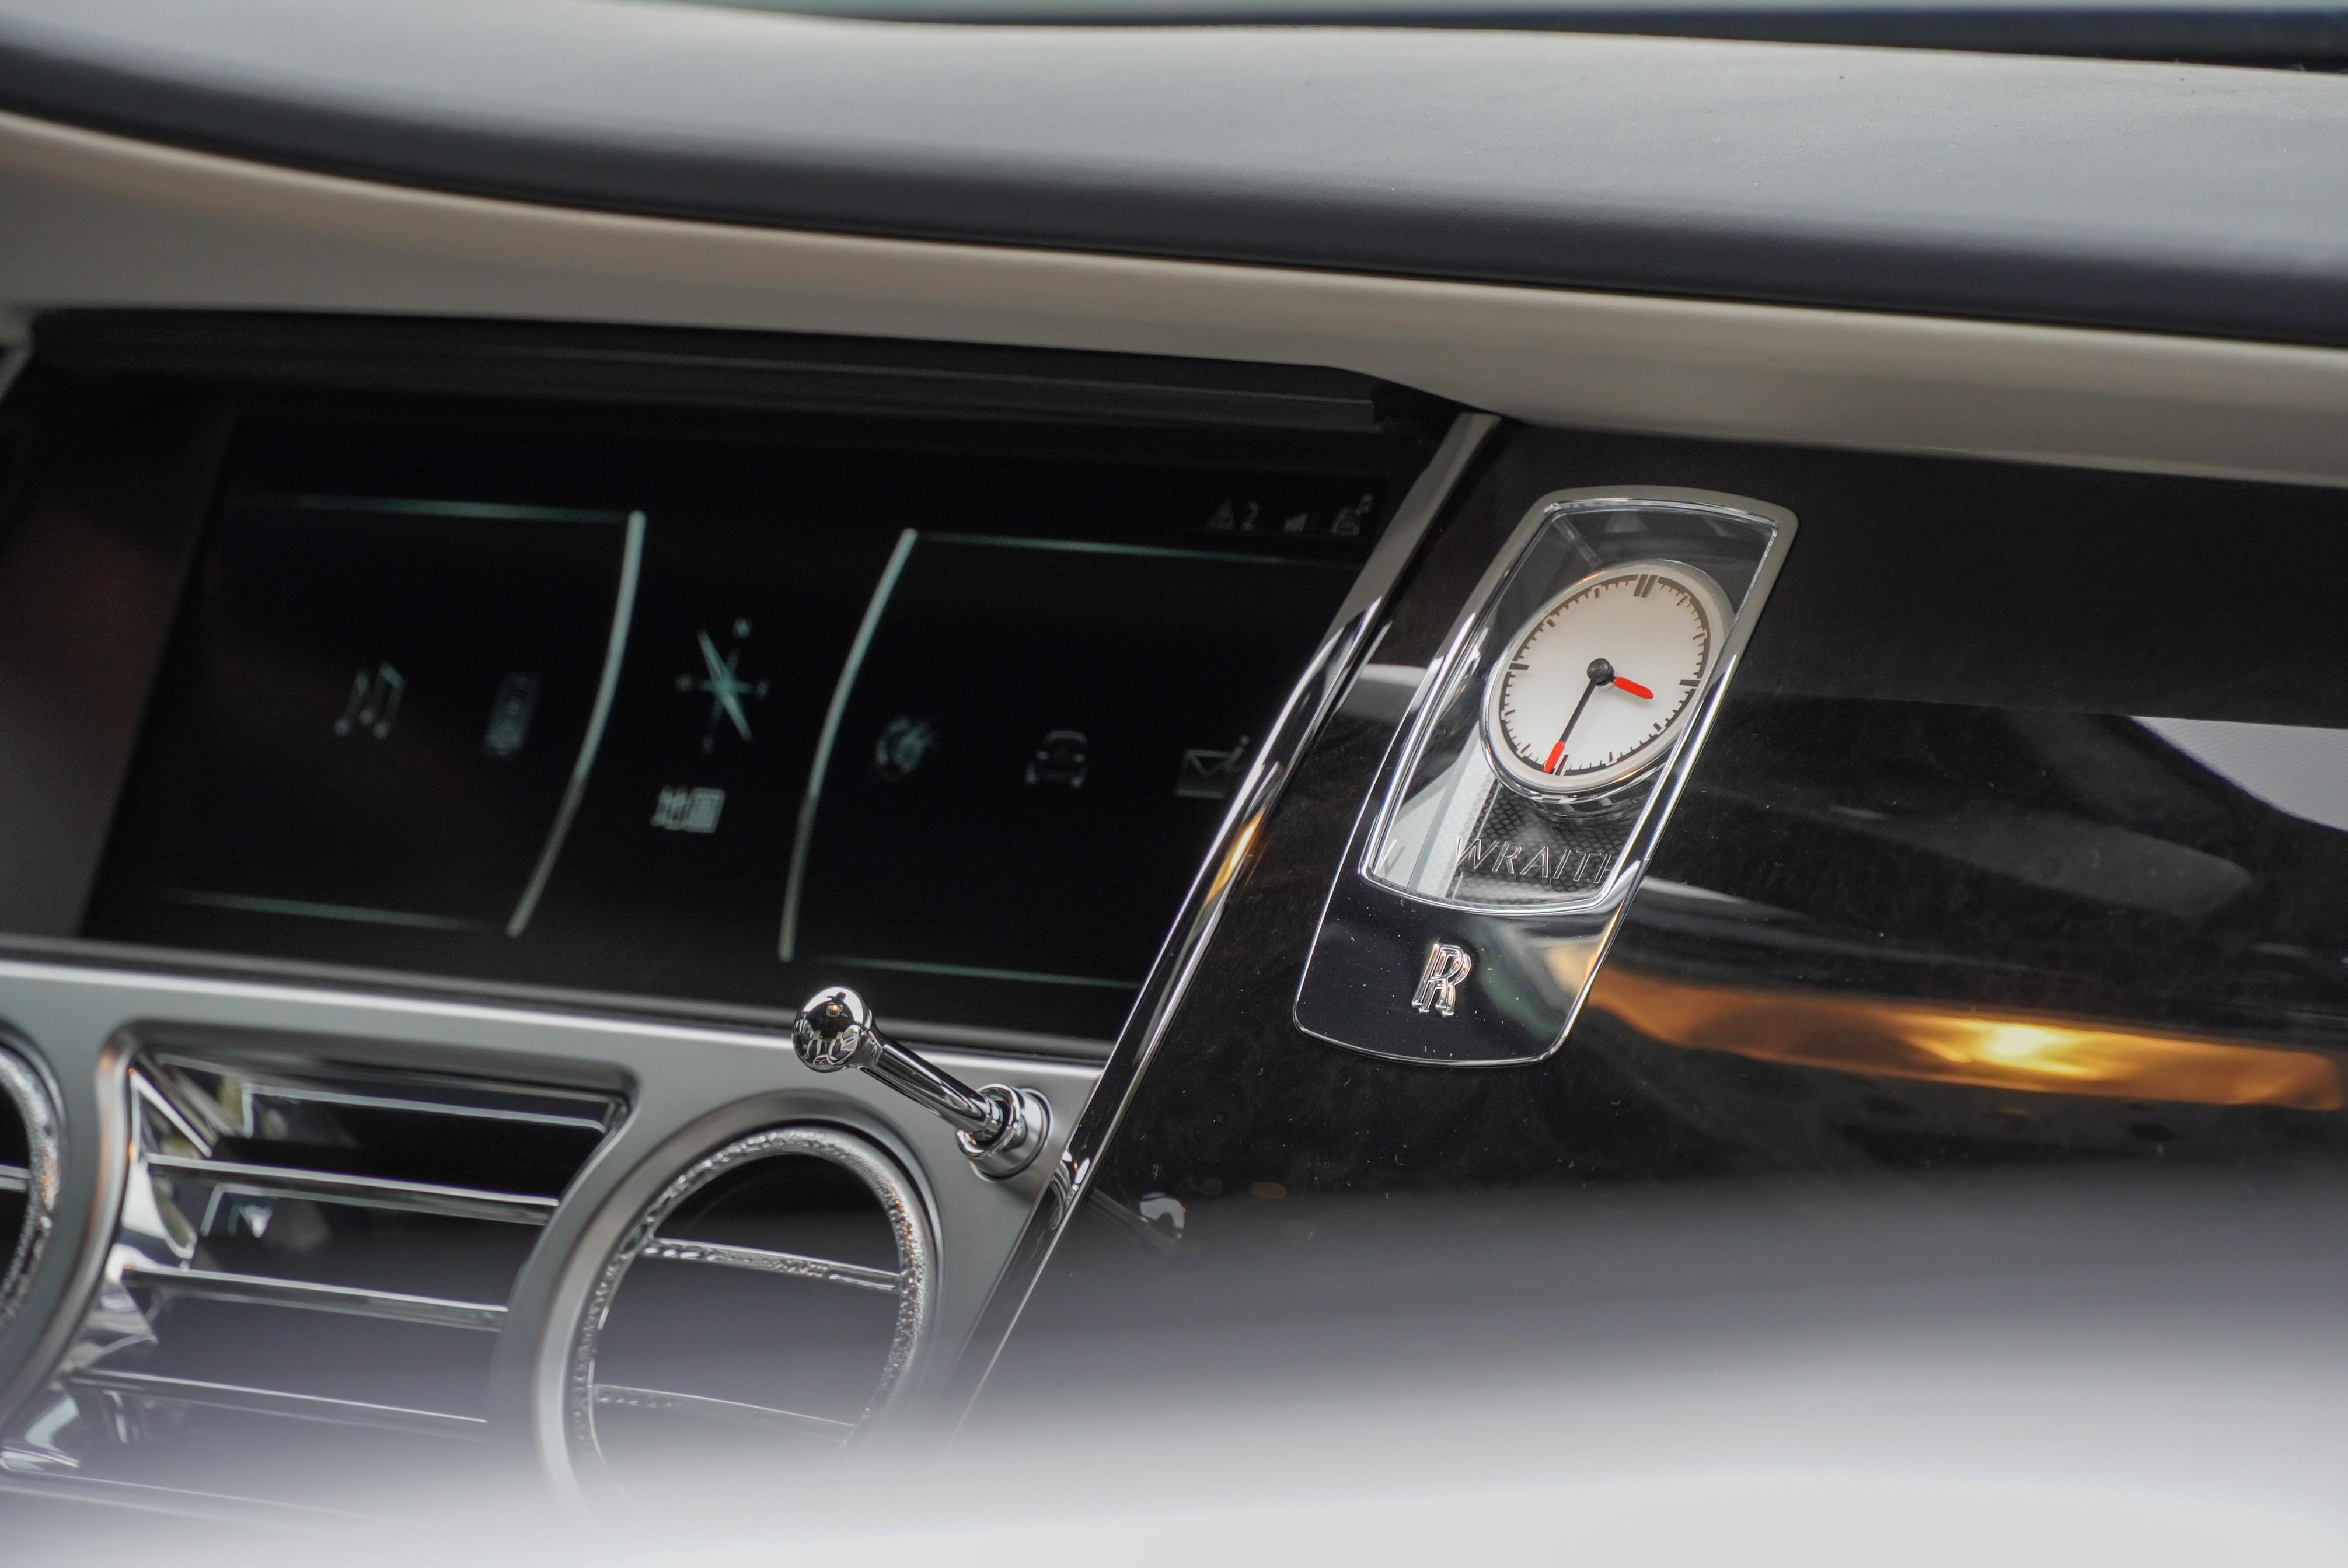 中控螢幕右側有 Rolls-Royce 時鐘。